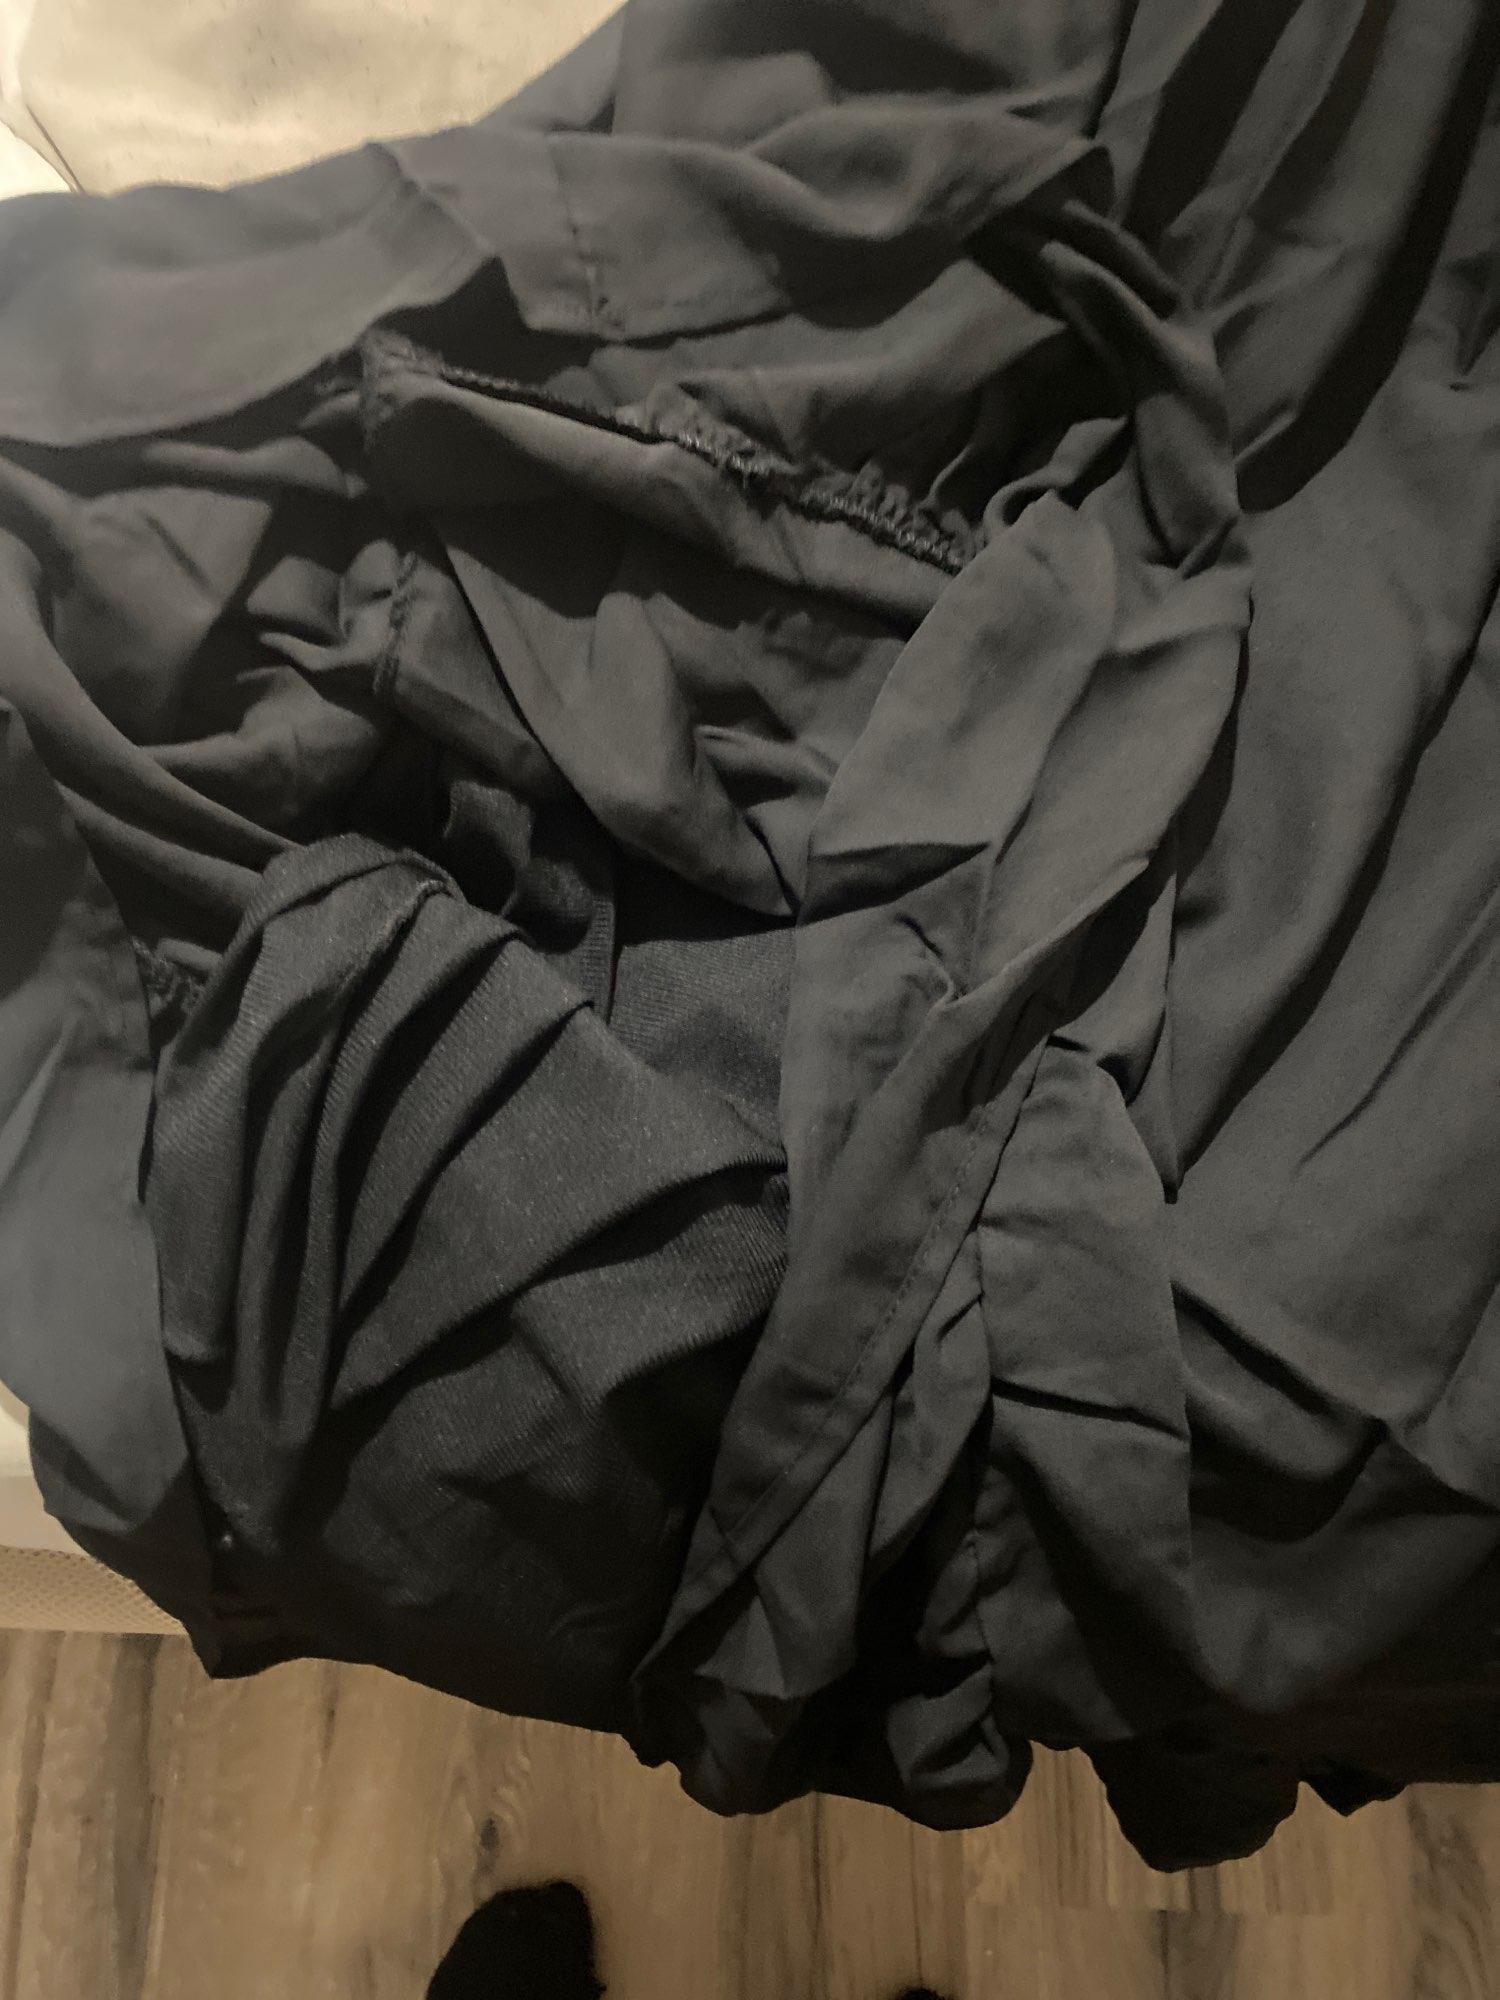 Hot 2019 autumn new fashion women's temperament commuter puff sleeve small high collar natural A word knee Chiffon dress reviews №2 239551